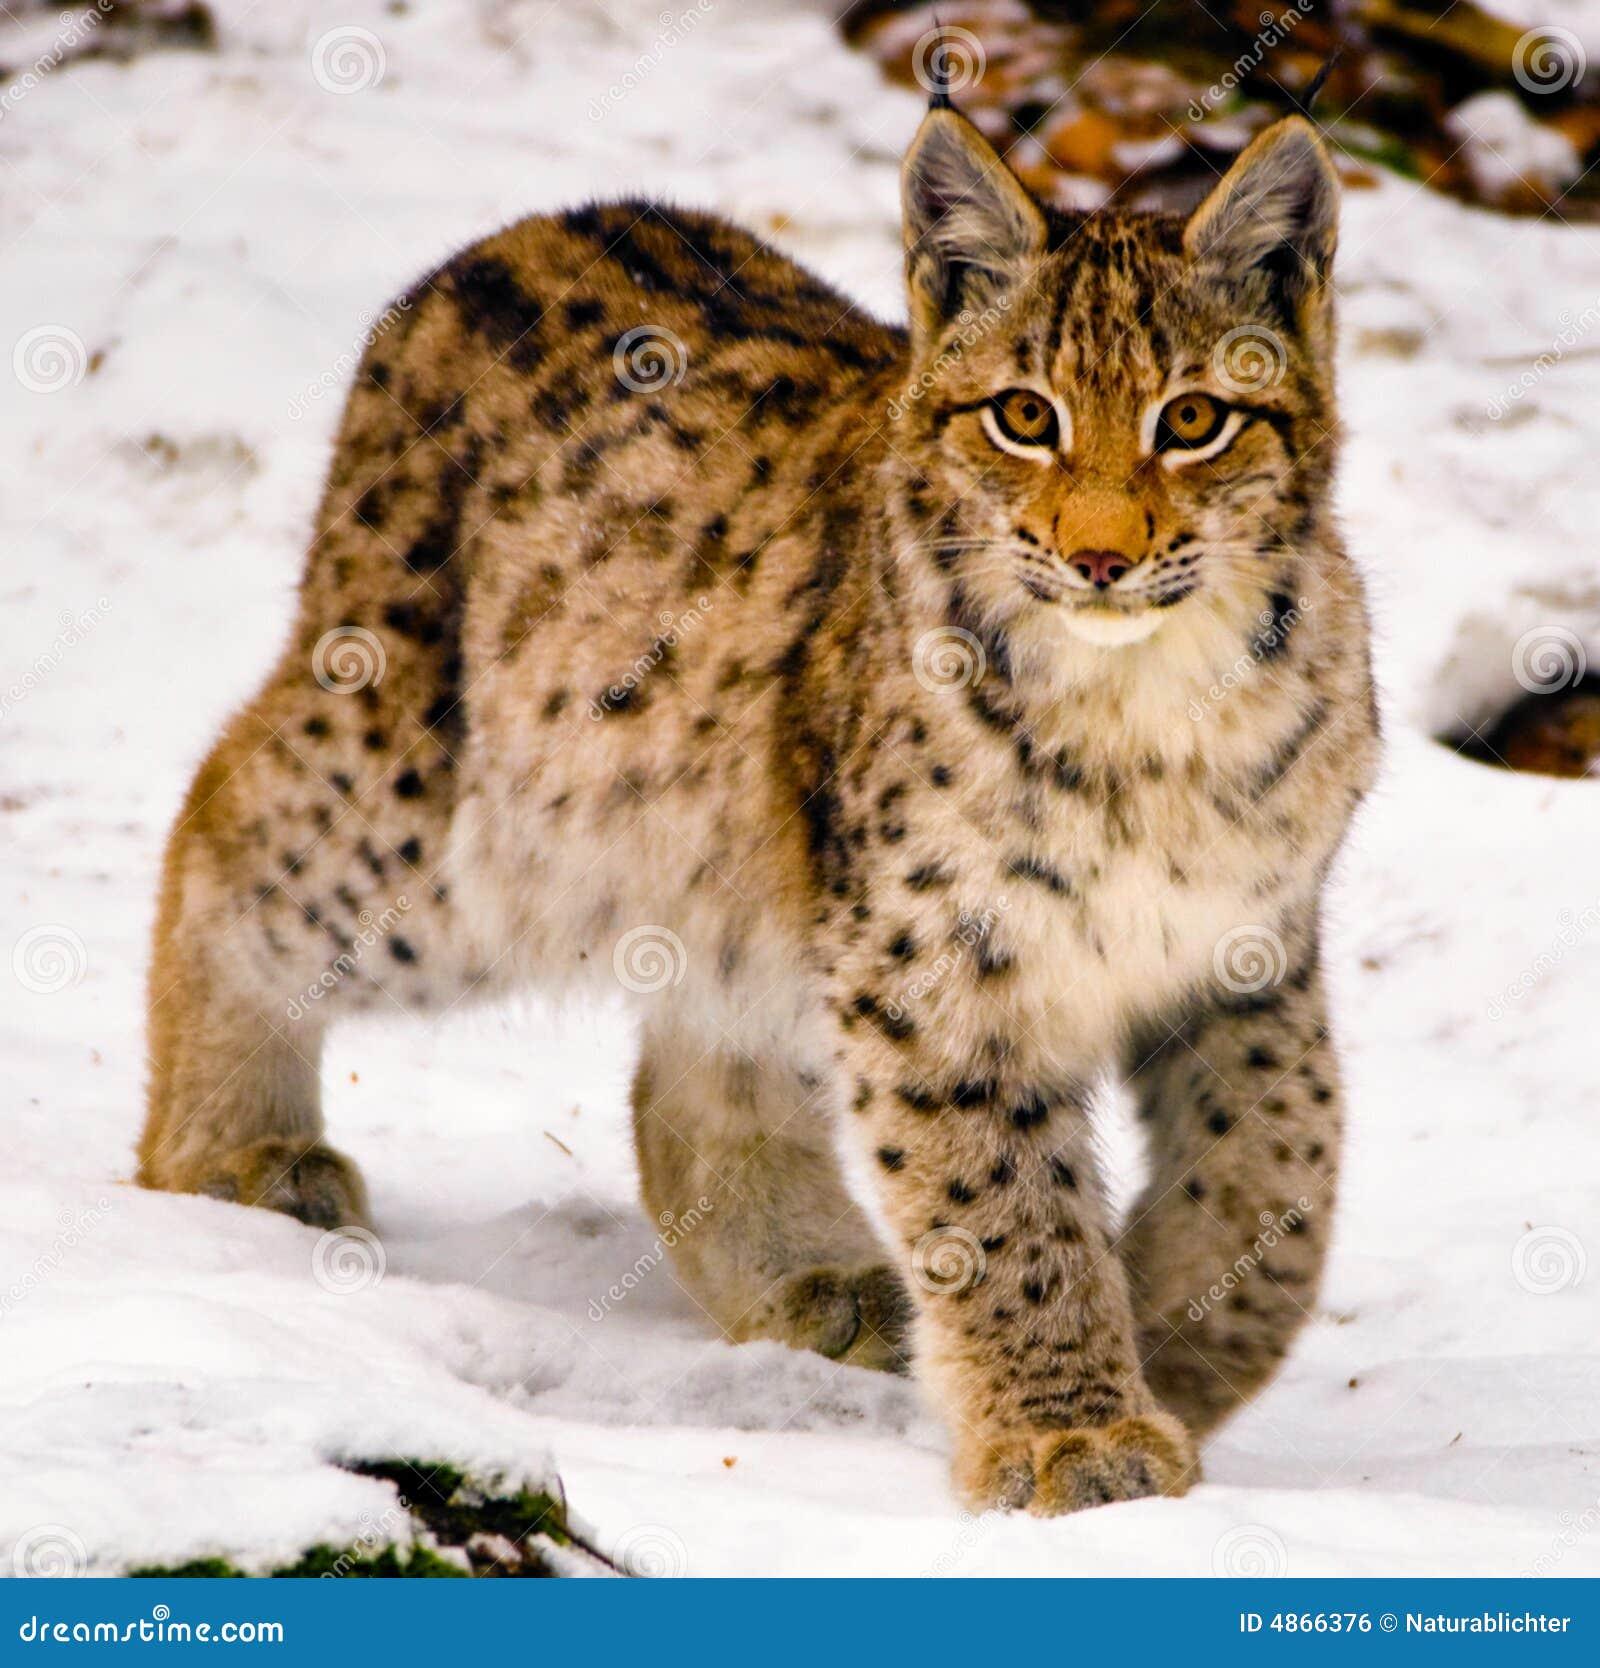 Bengal Cat Canada